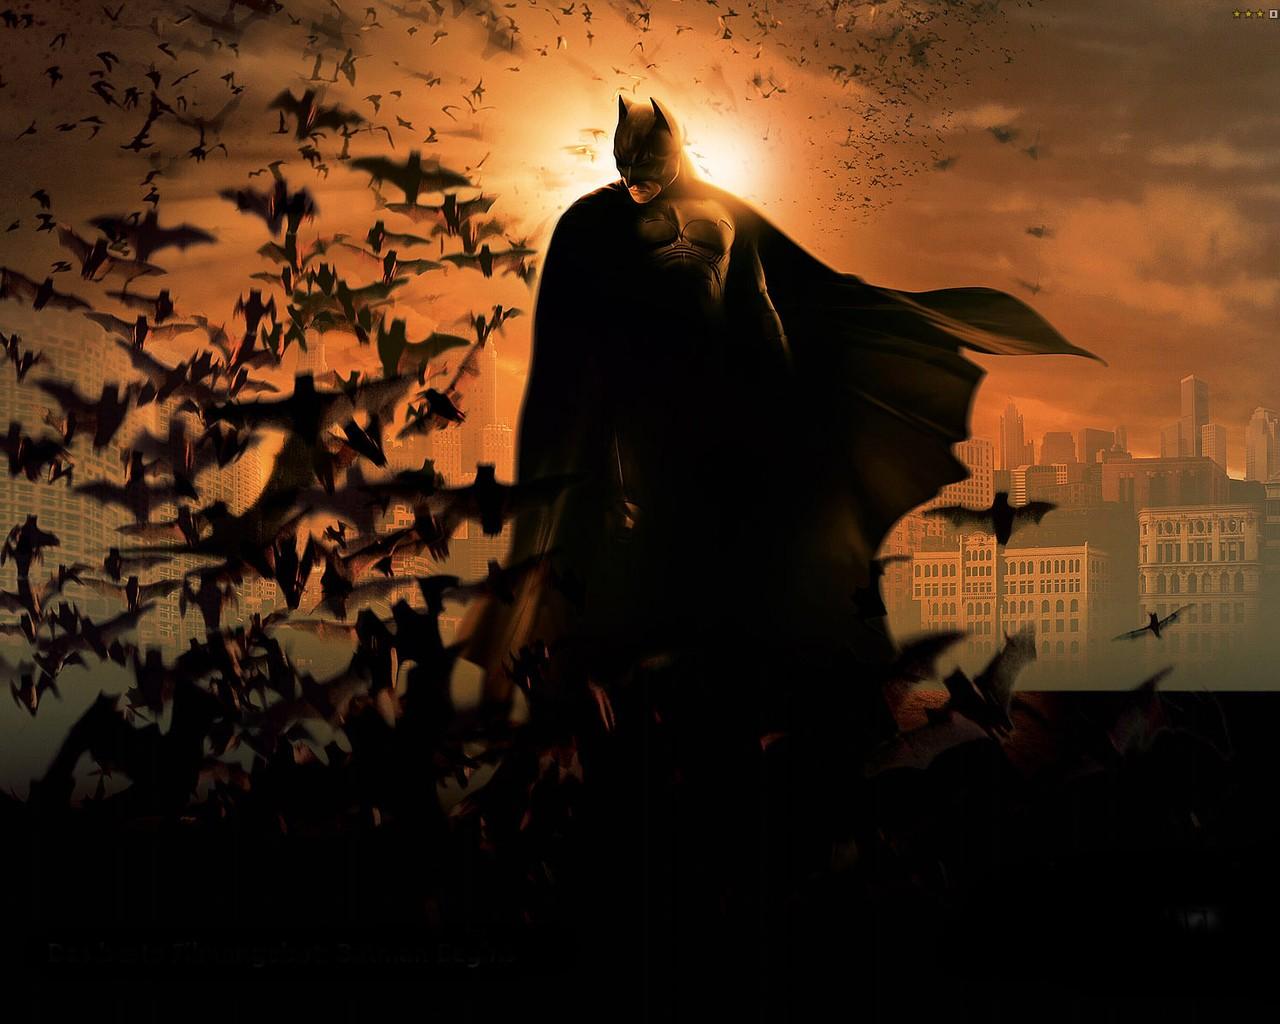 Batman Movies Wallpaper 1280x1024 Batman Movies DC Comics 1280x1024